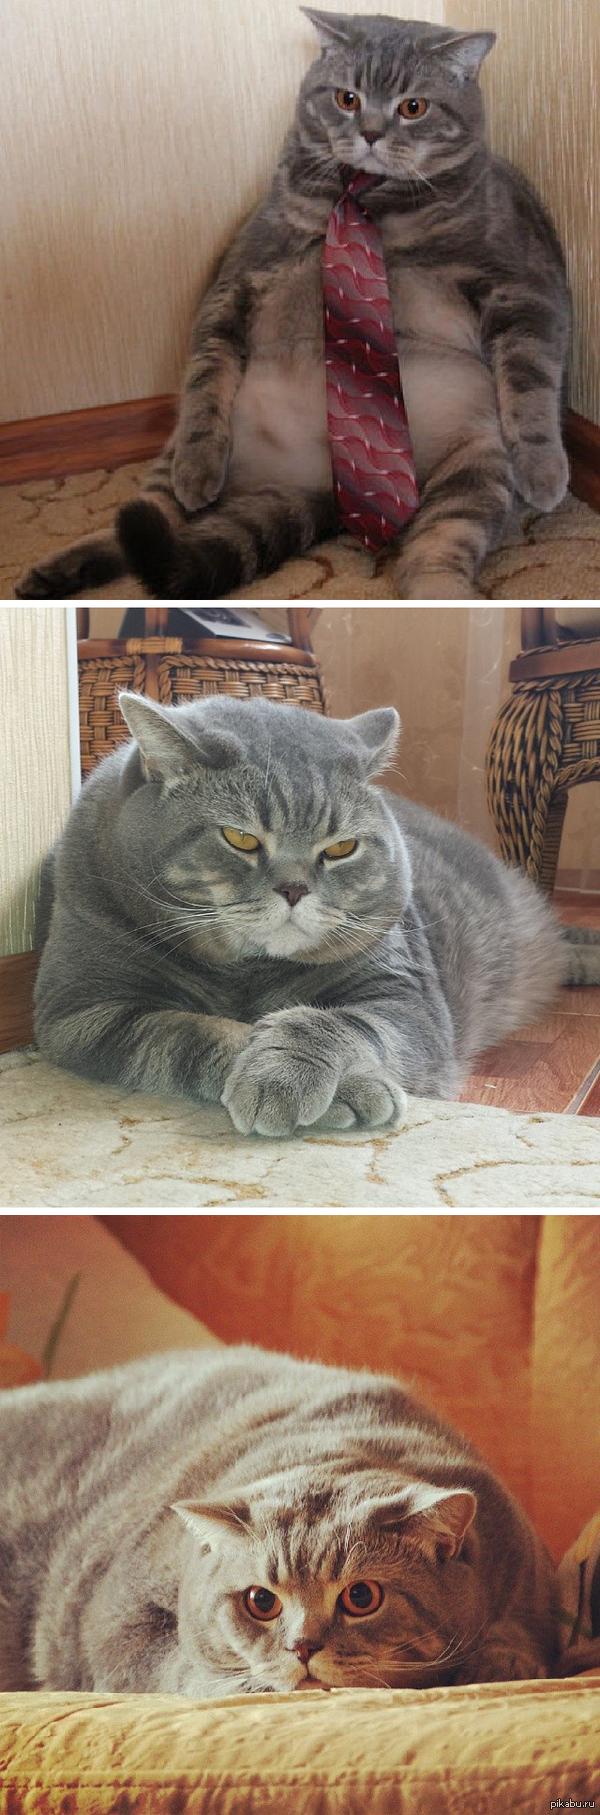 Очень забавный толстый кот нашелся в инстаграме http://instagram.com/nikulinyuri кот, инстаграм